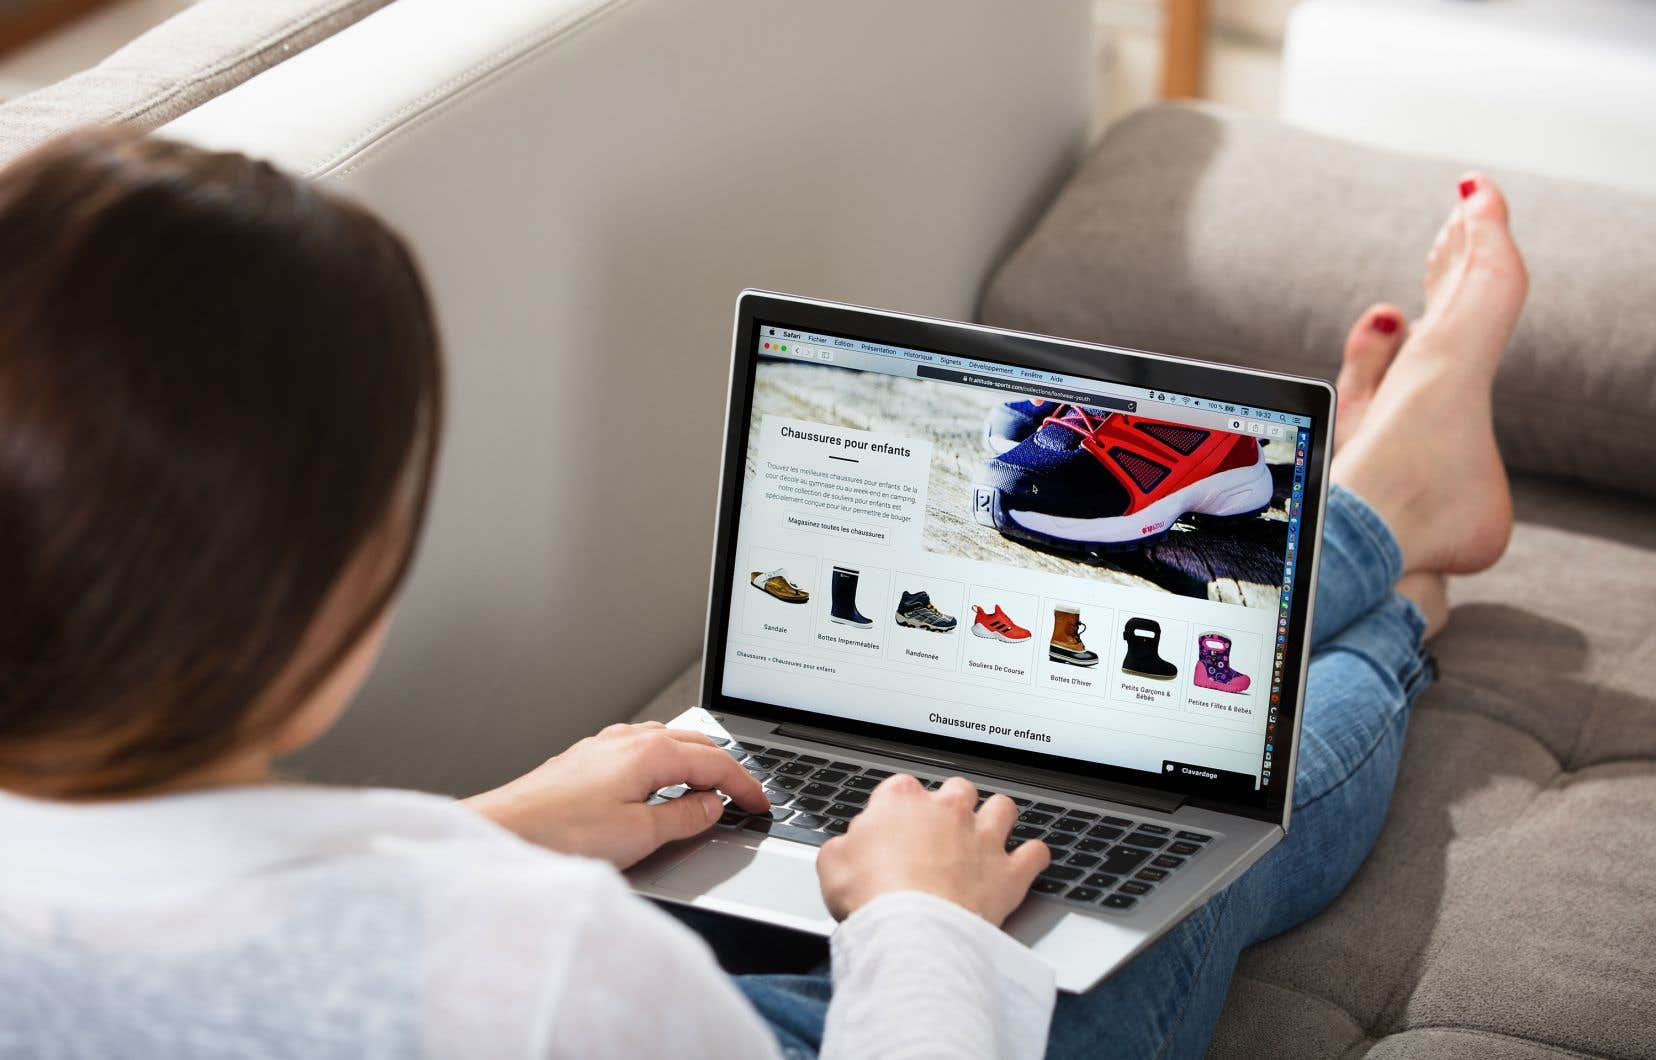 Sur un an, les ventes du commerce électronique ont plus que doublé, avec une augmentation de 110,8% comparativement à mai 2019.